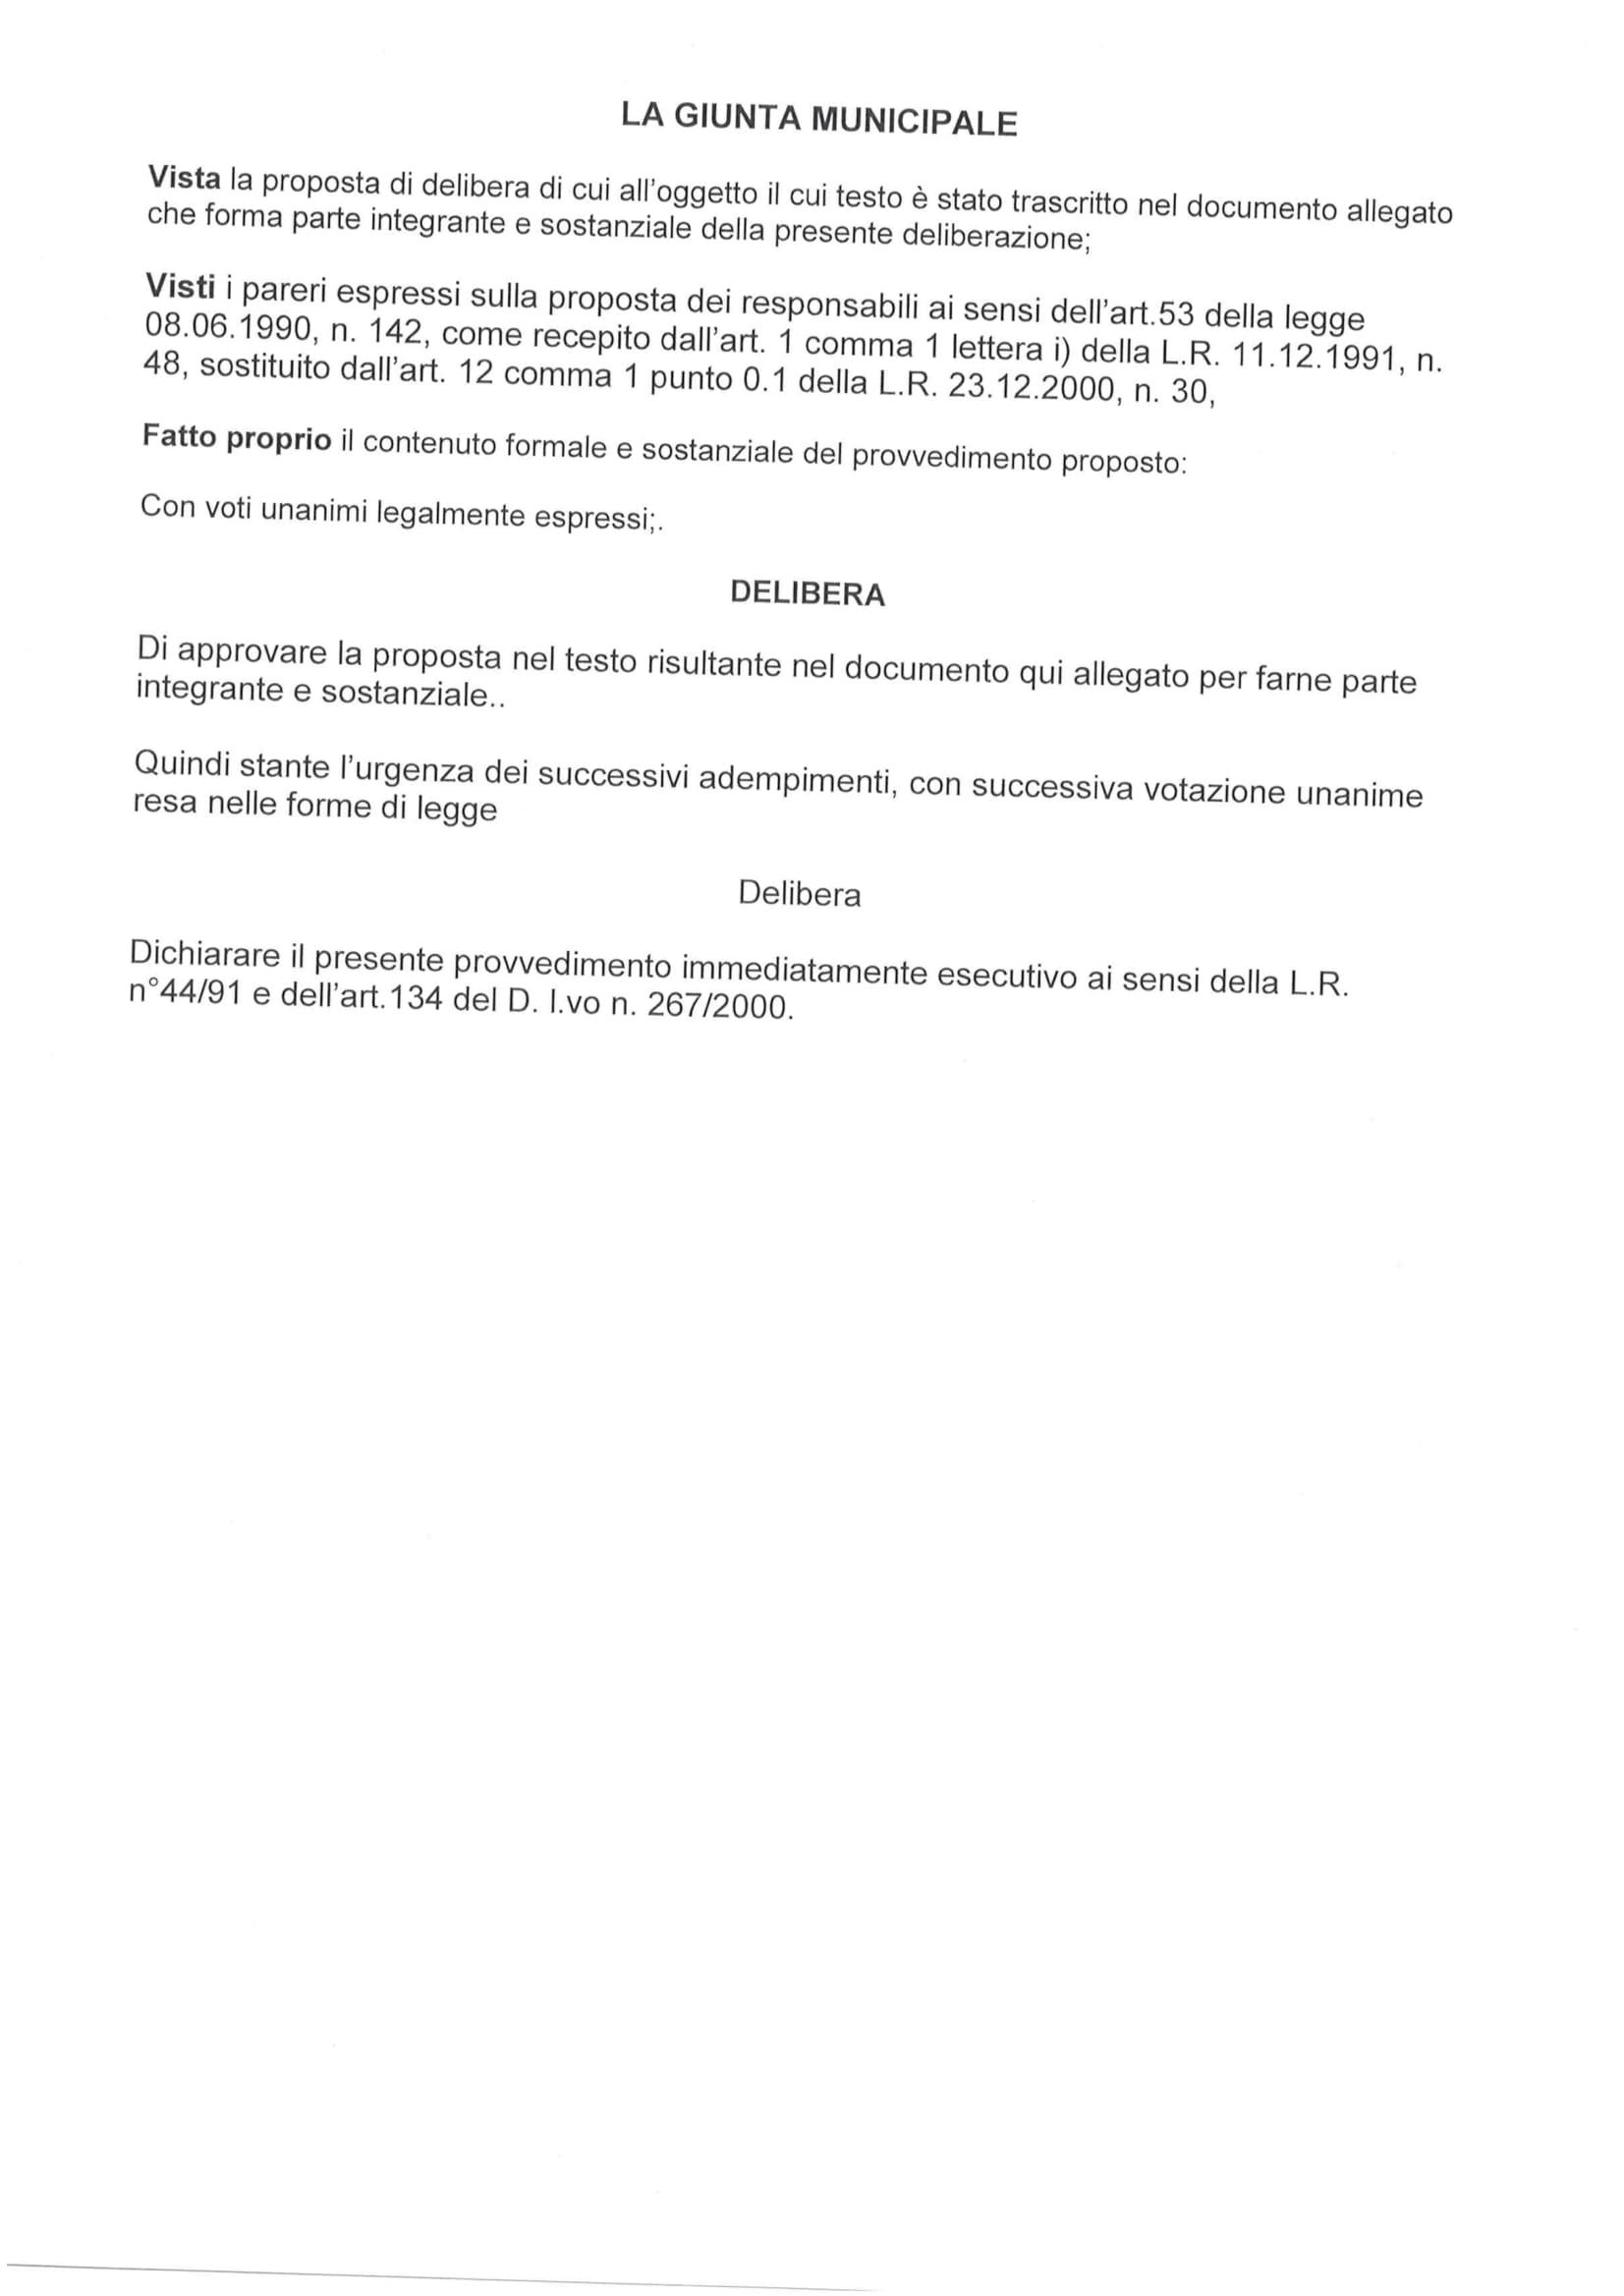 VENETICO_PROT_CIV_pubblicazione n_33 del 16-01-2019-documento (1)-02